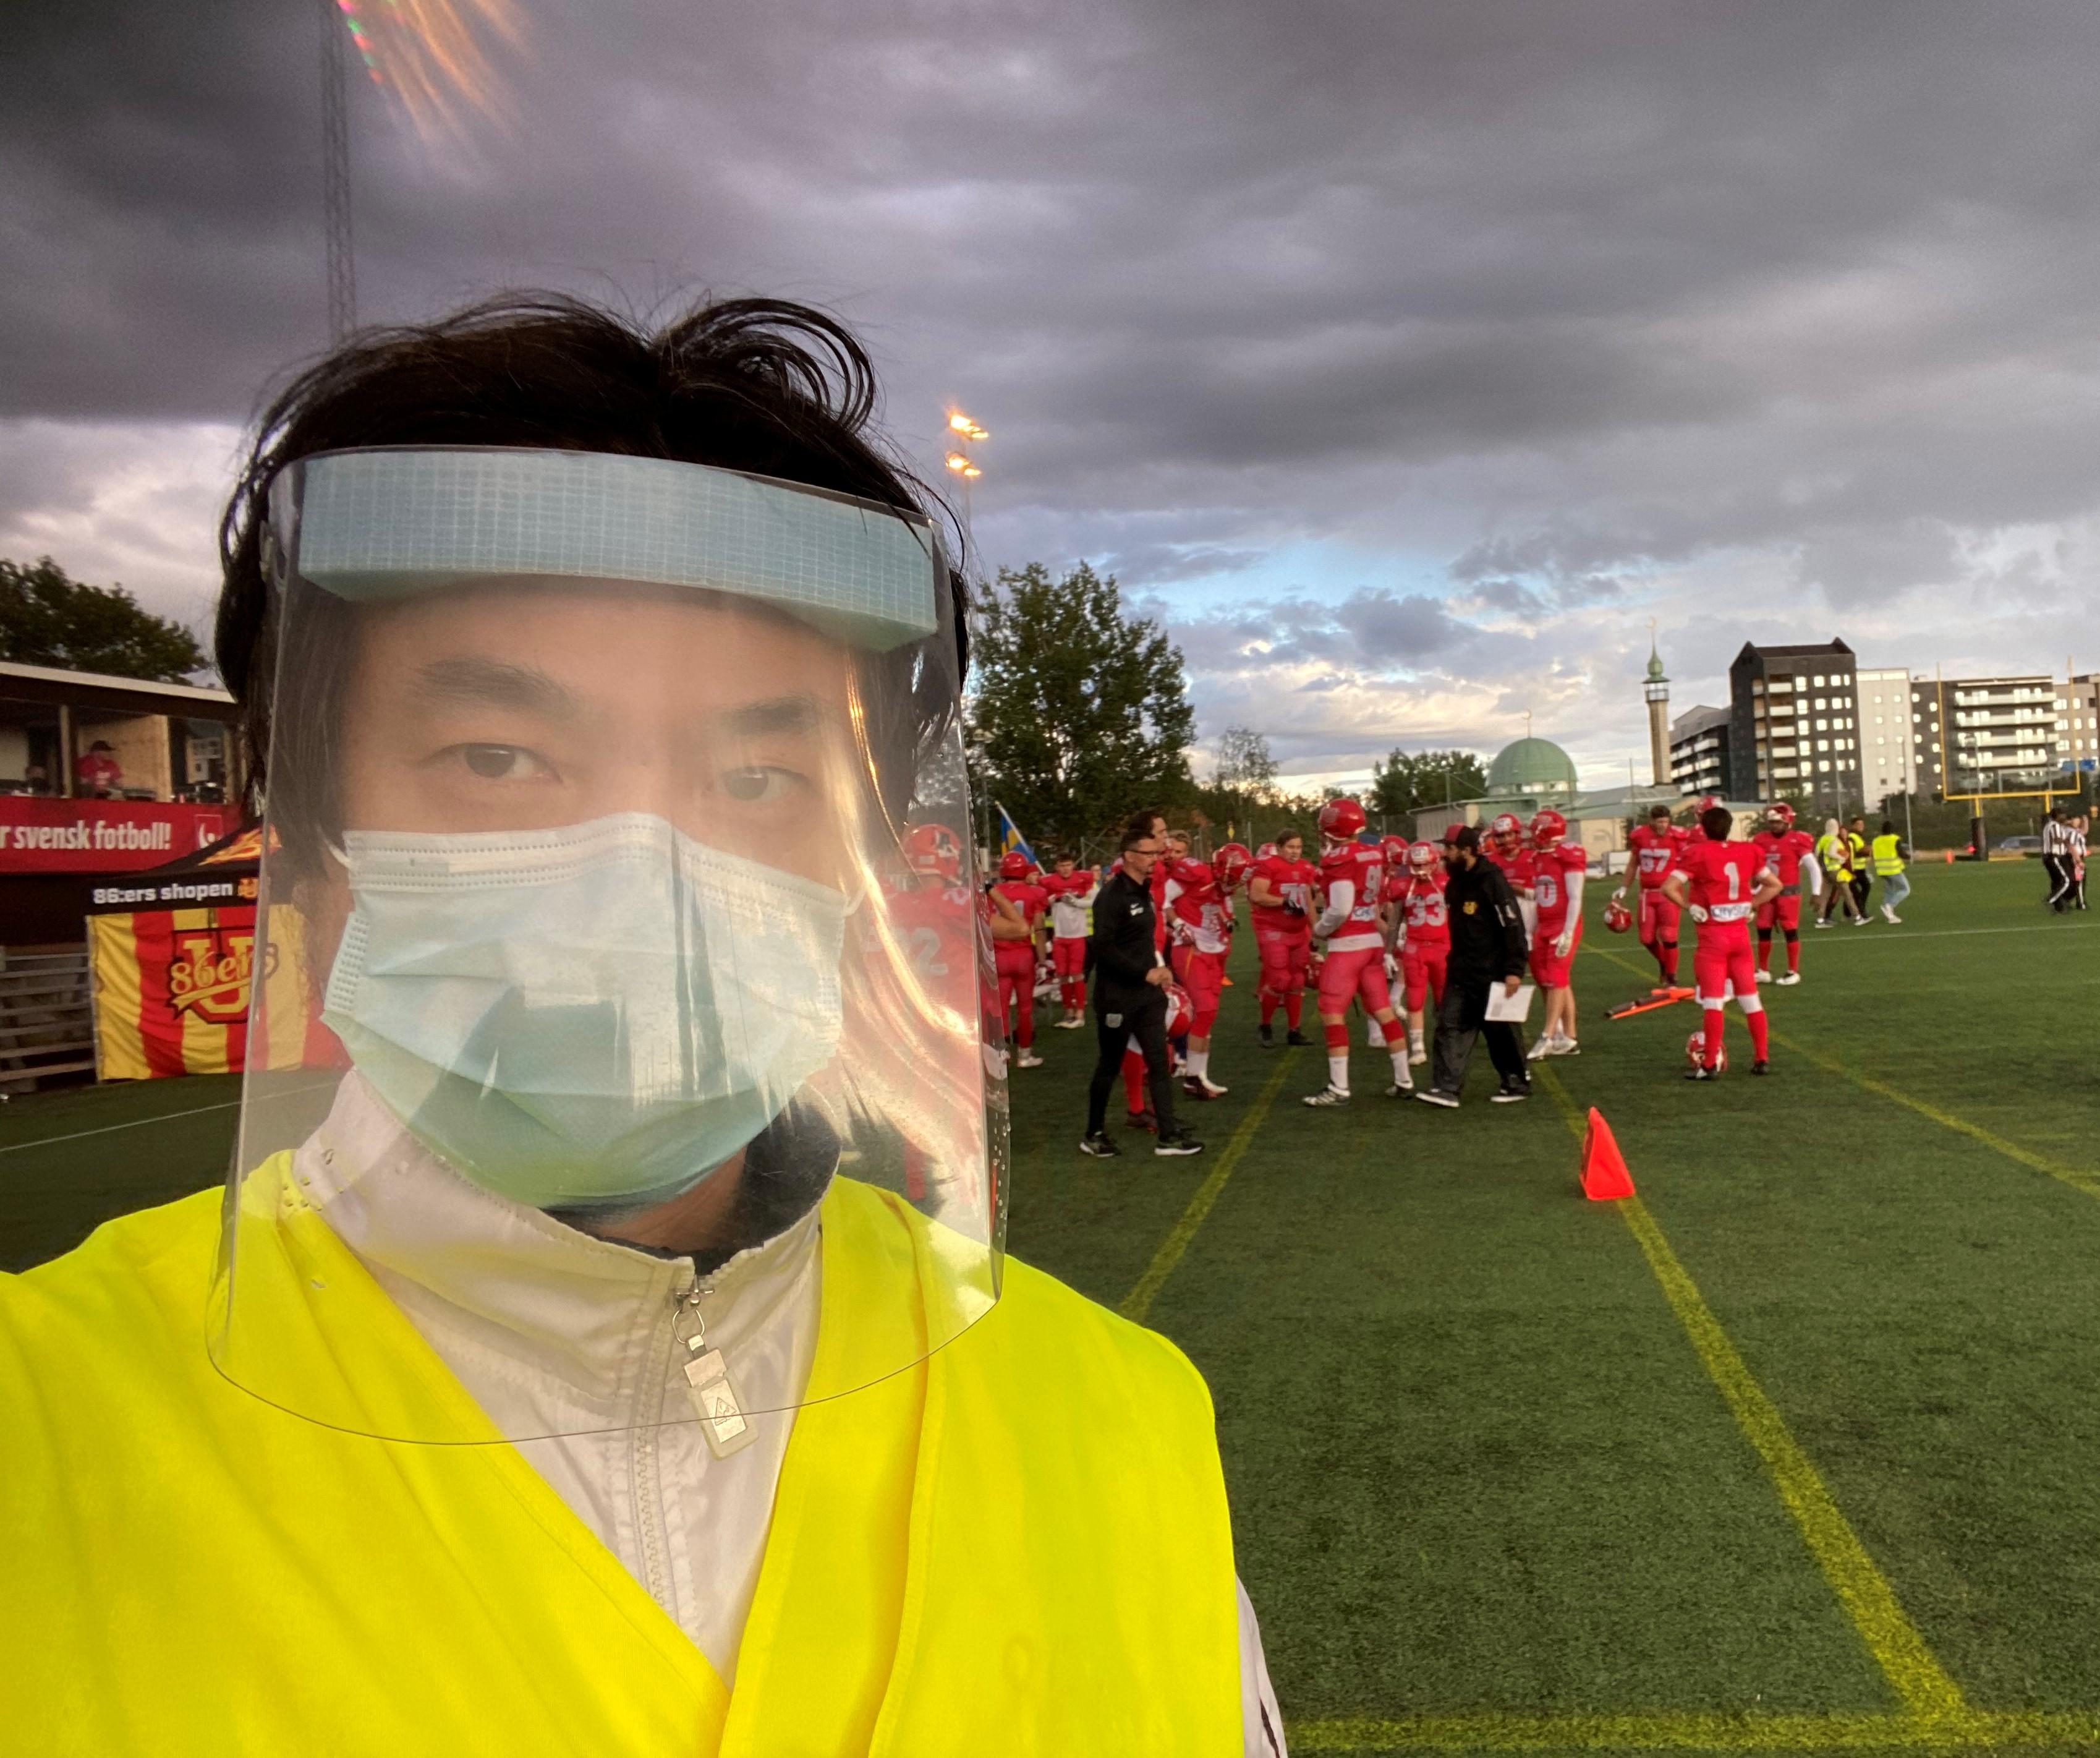 チームドクターとしてサイドラインから試合を見守る山本慎治医師=提供:山本慎治さん